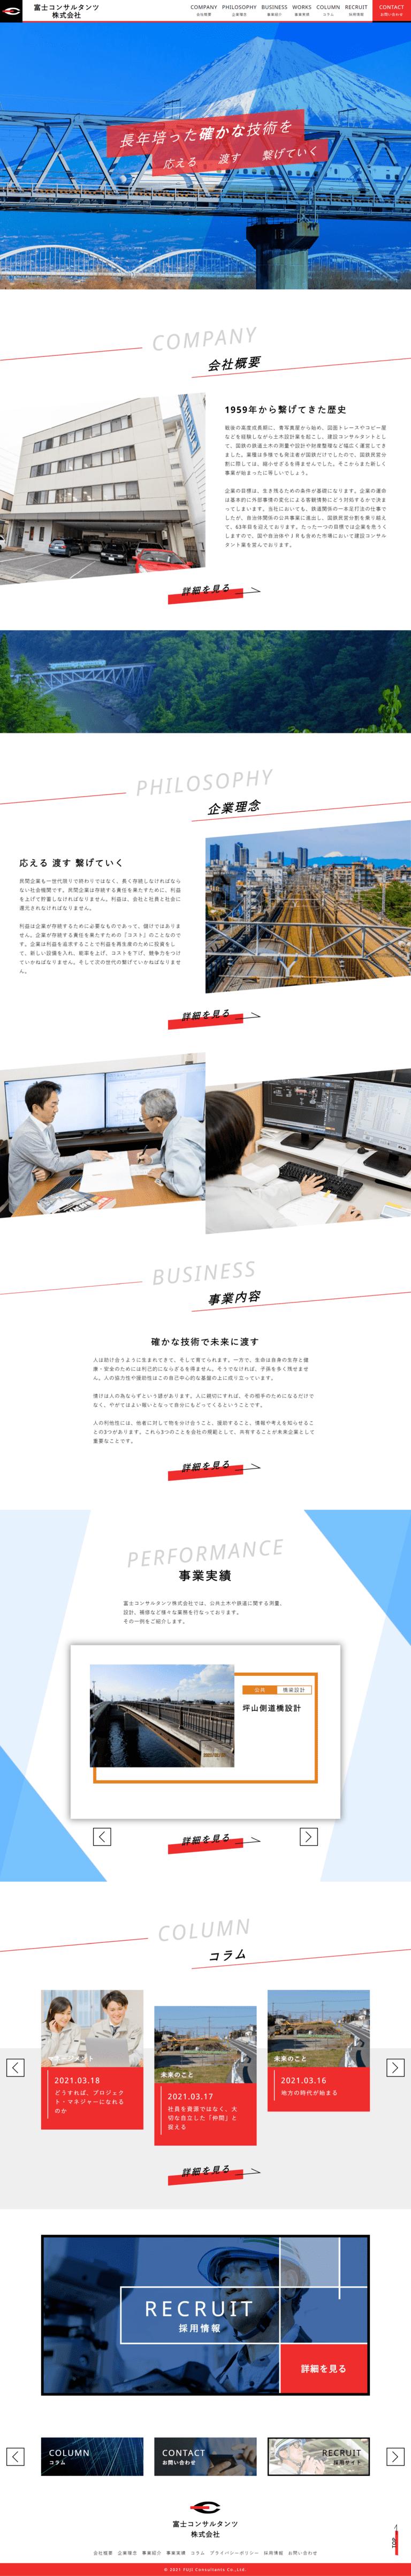 富士コンサルタンツ㈱様 企業サイト